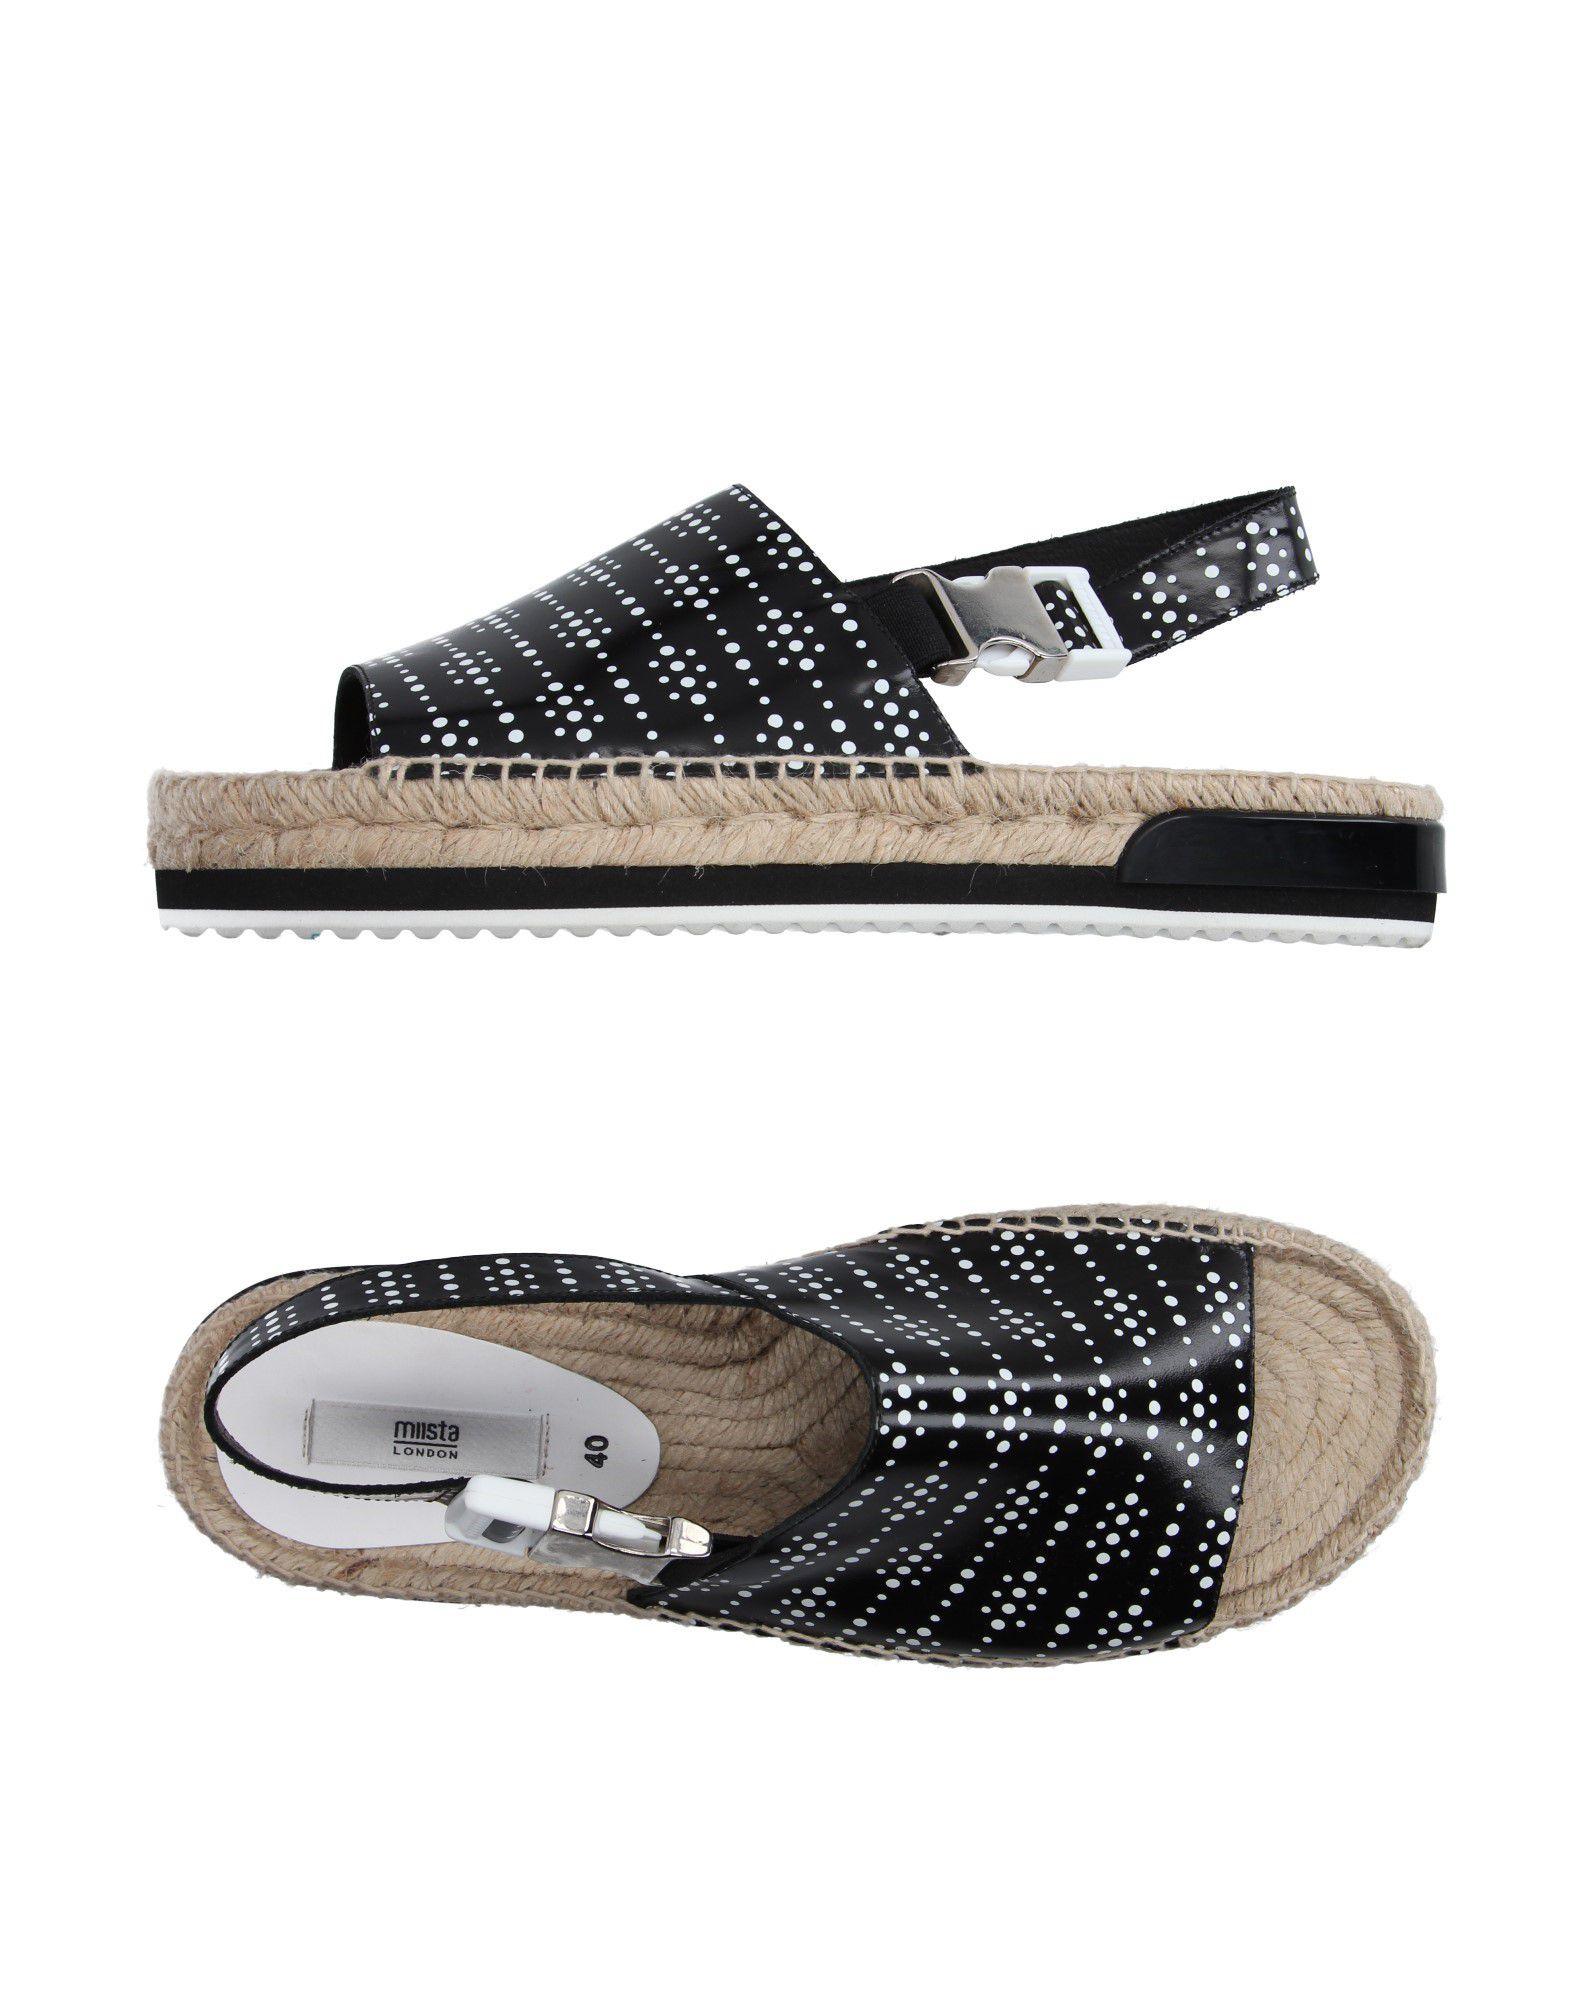 Miista Espadrilles Damen  11133757WB Gute Qualität beliebte Schuhe Schuhe beliebte e73522